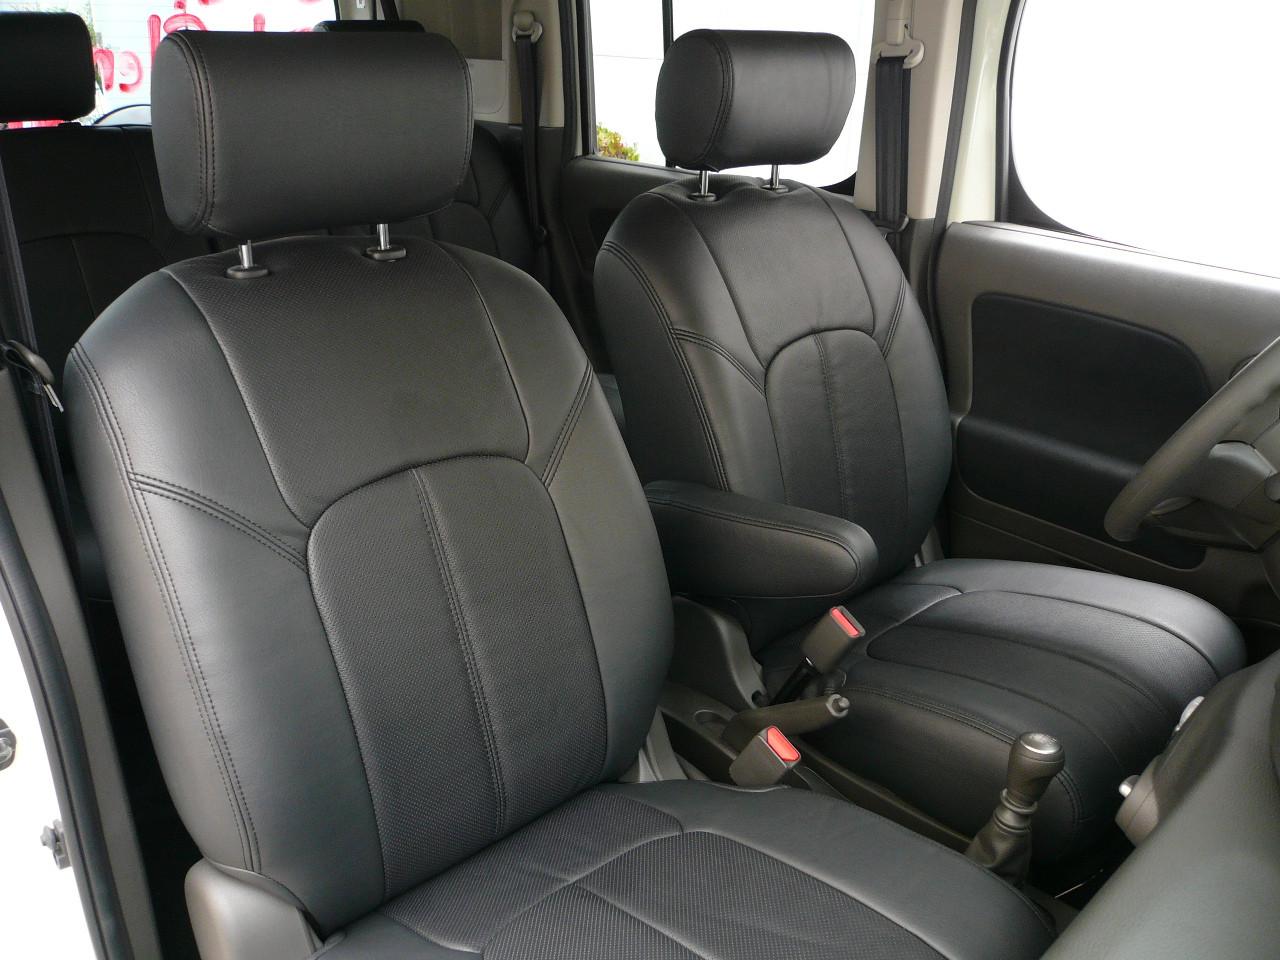 Fantastic Clazzio Seat Covers Nissan Cube Inzonedesignstudio Interior Chair Design Inzonedesignstudiocom